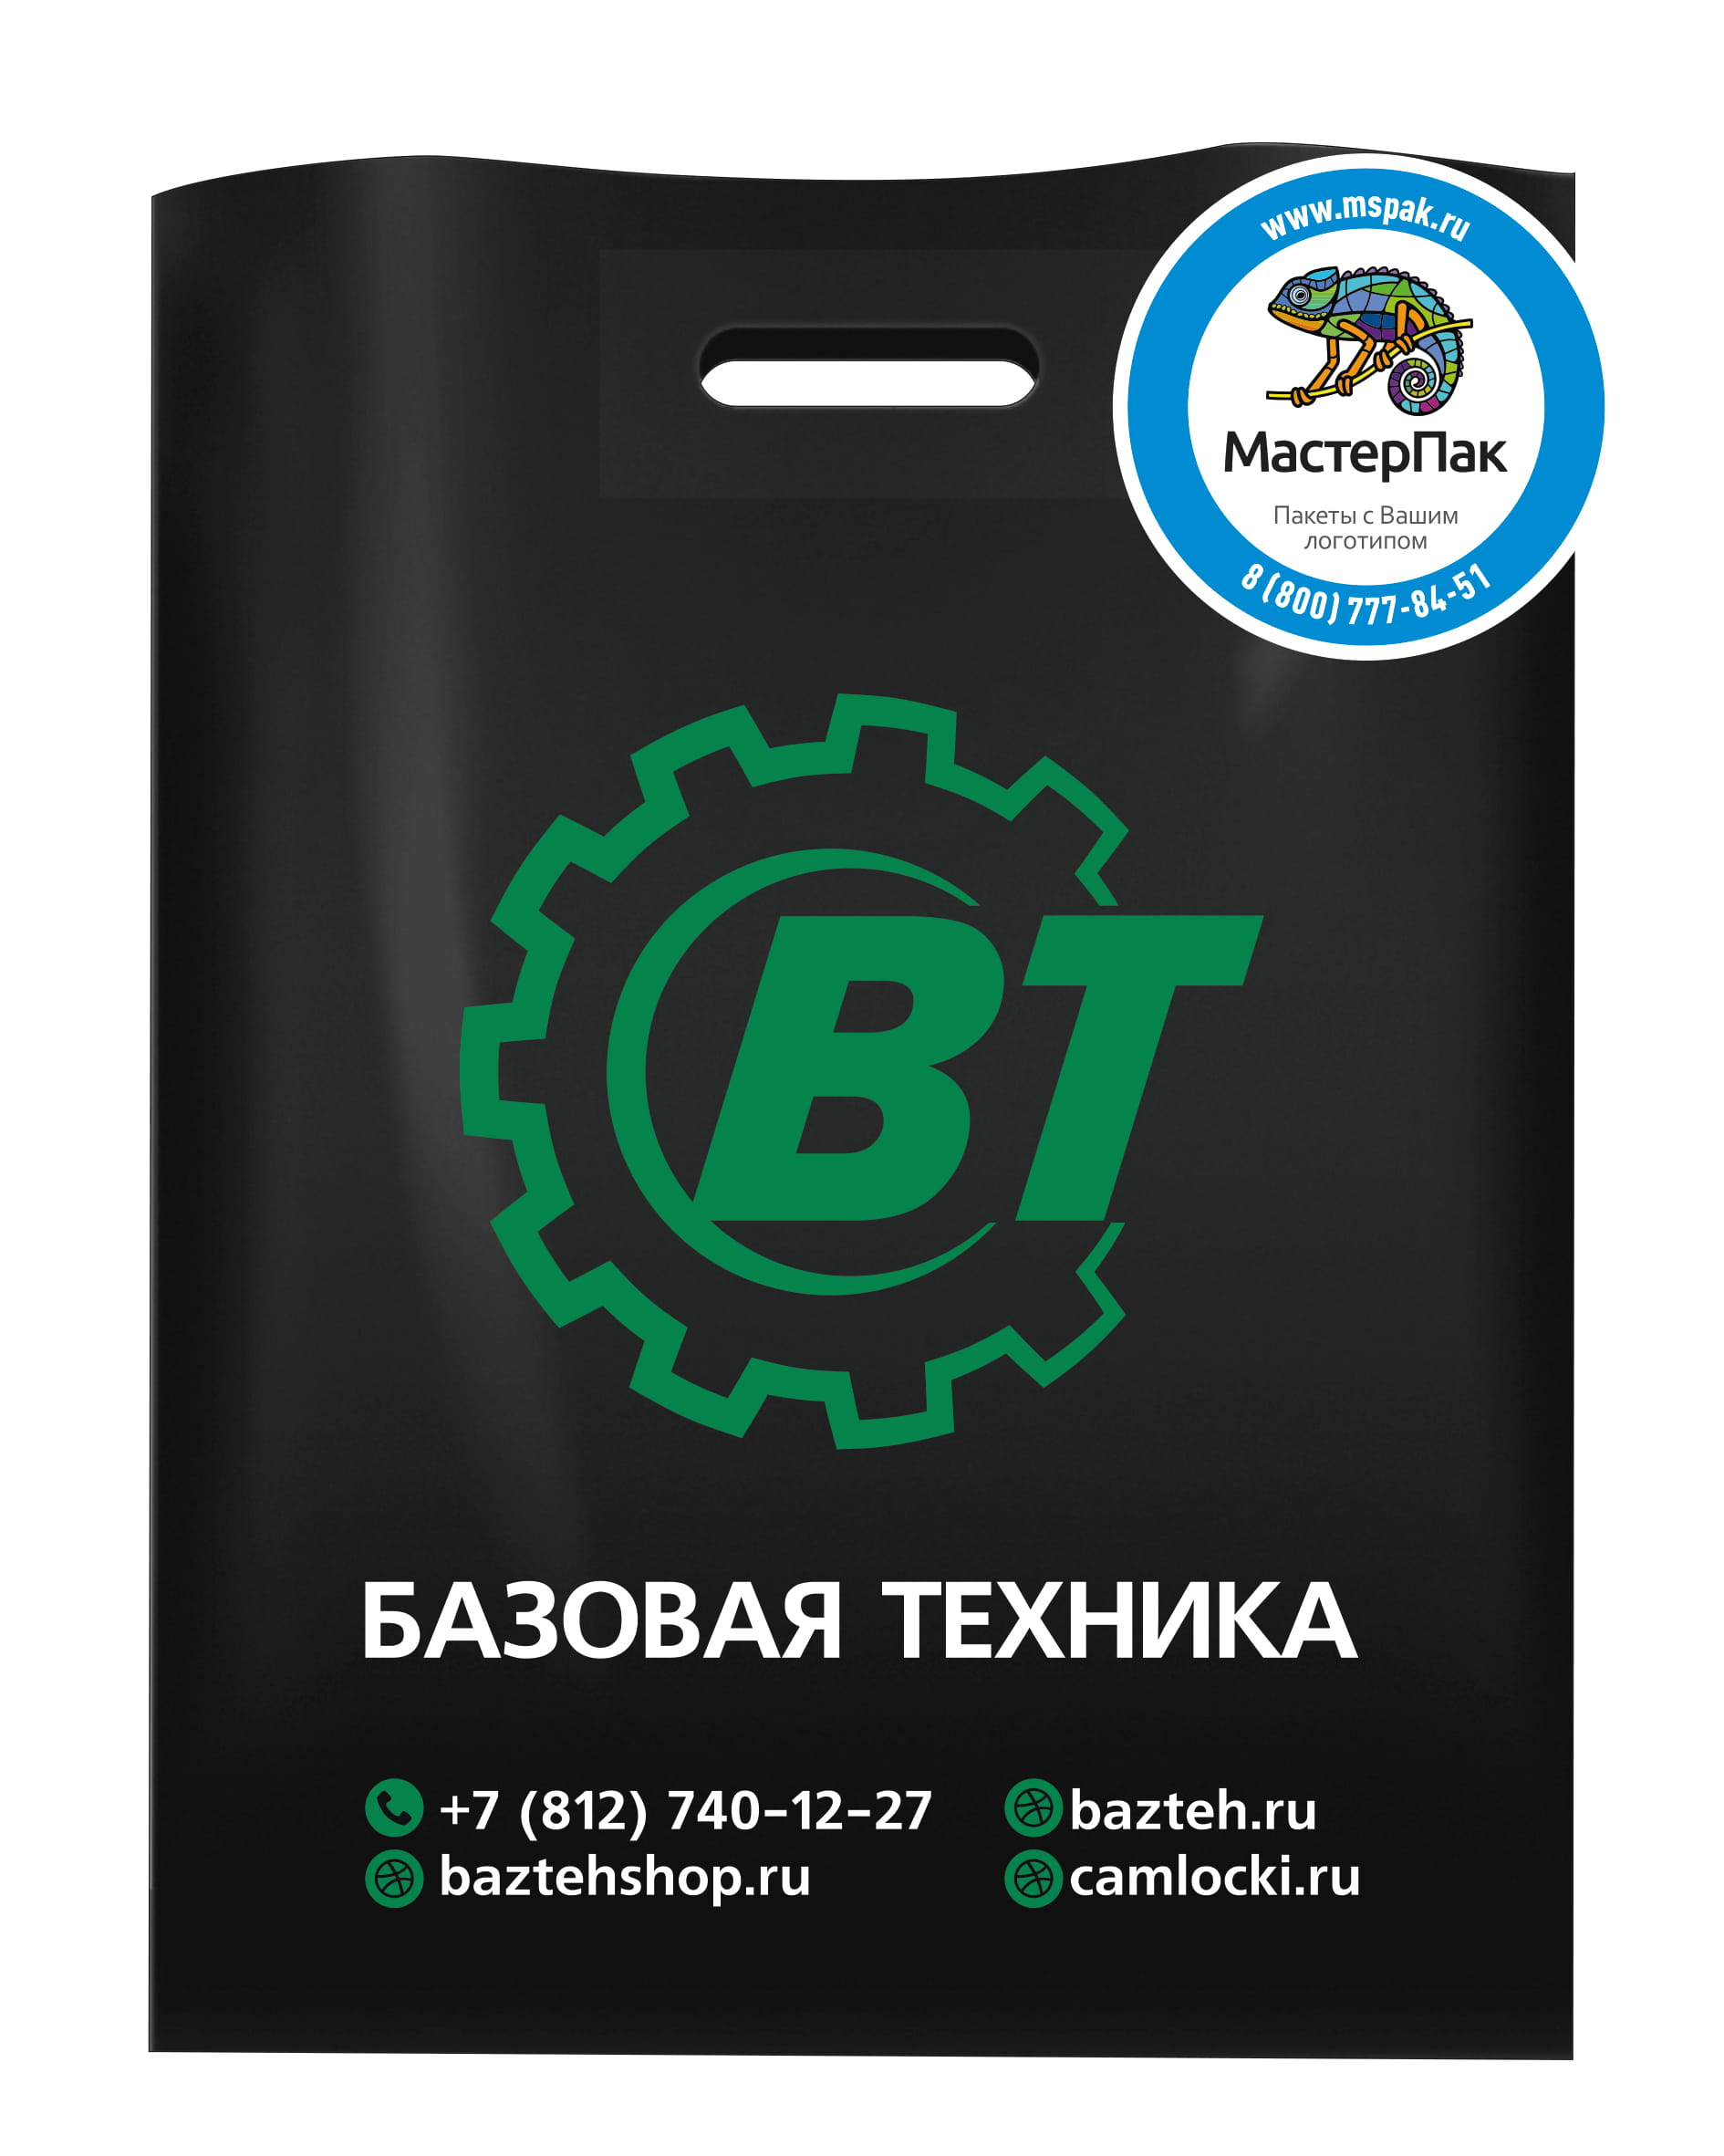 Пакет ПВД с логотипом Базовая техника, СПб, 70 мкм, 30*40 см, черный